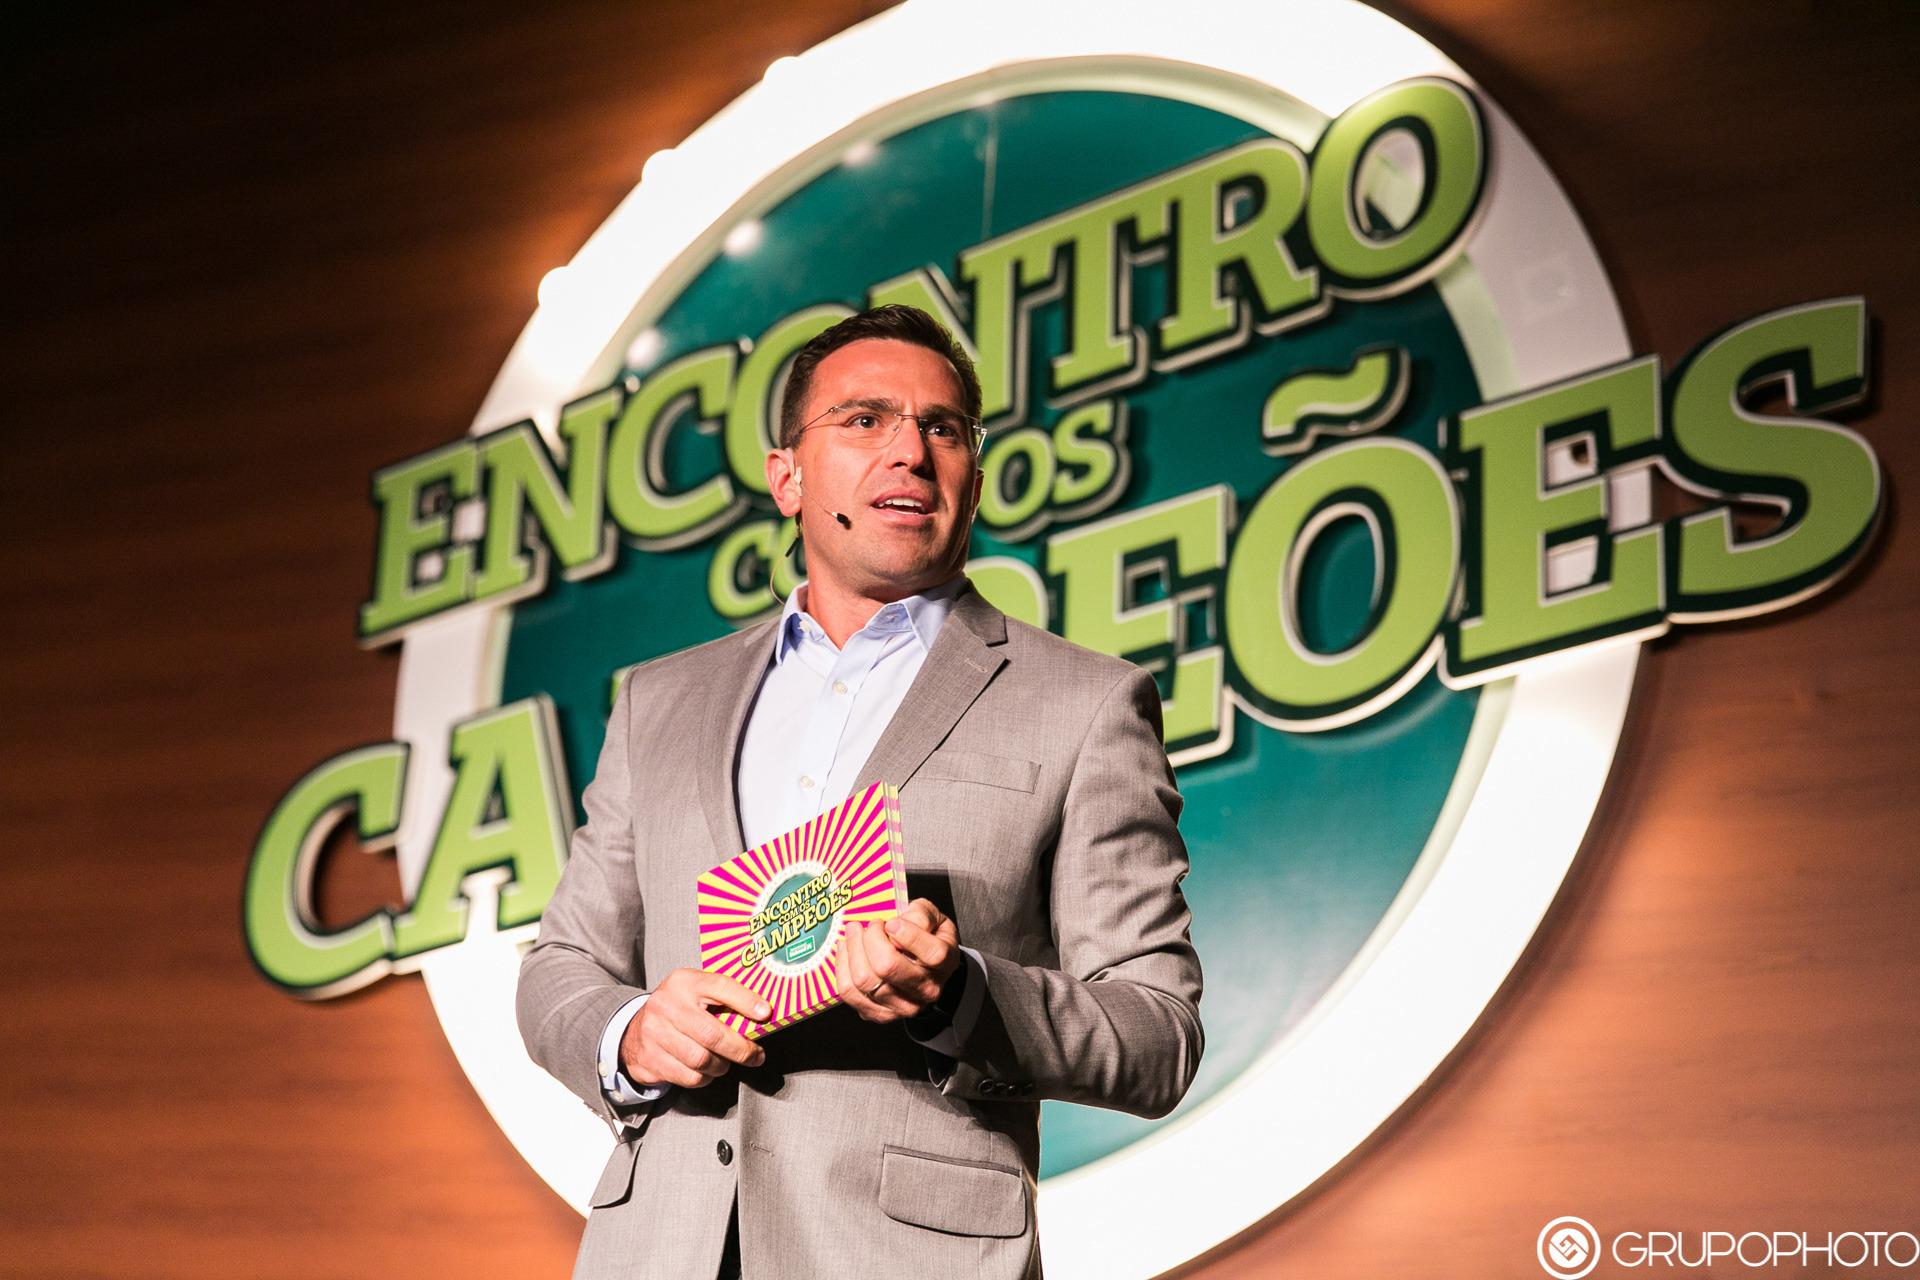 fotógrafo para evento corporativo em são paulo, sp, fotógrafo de artista, fotógrafo rodrigo boccardi tv globo